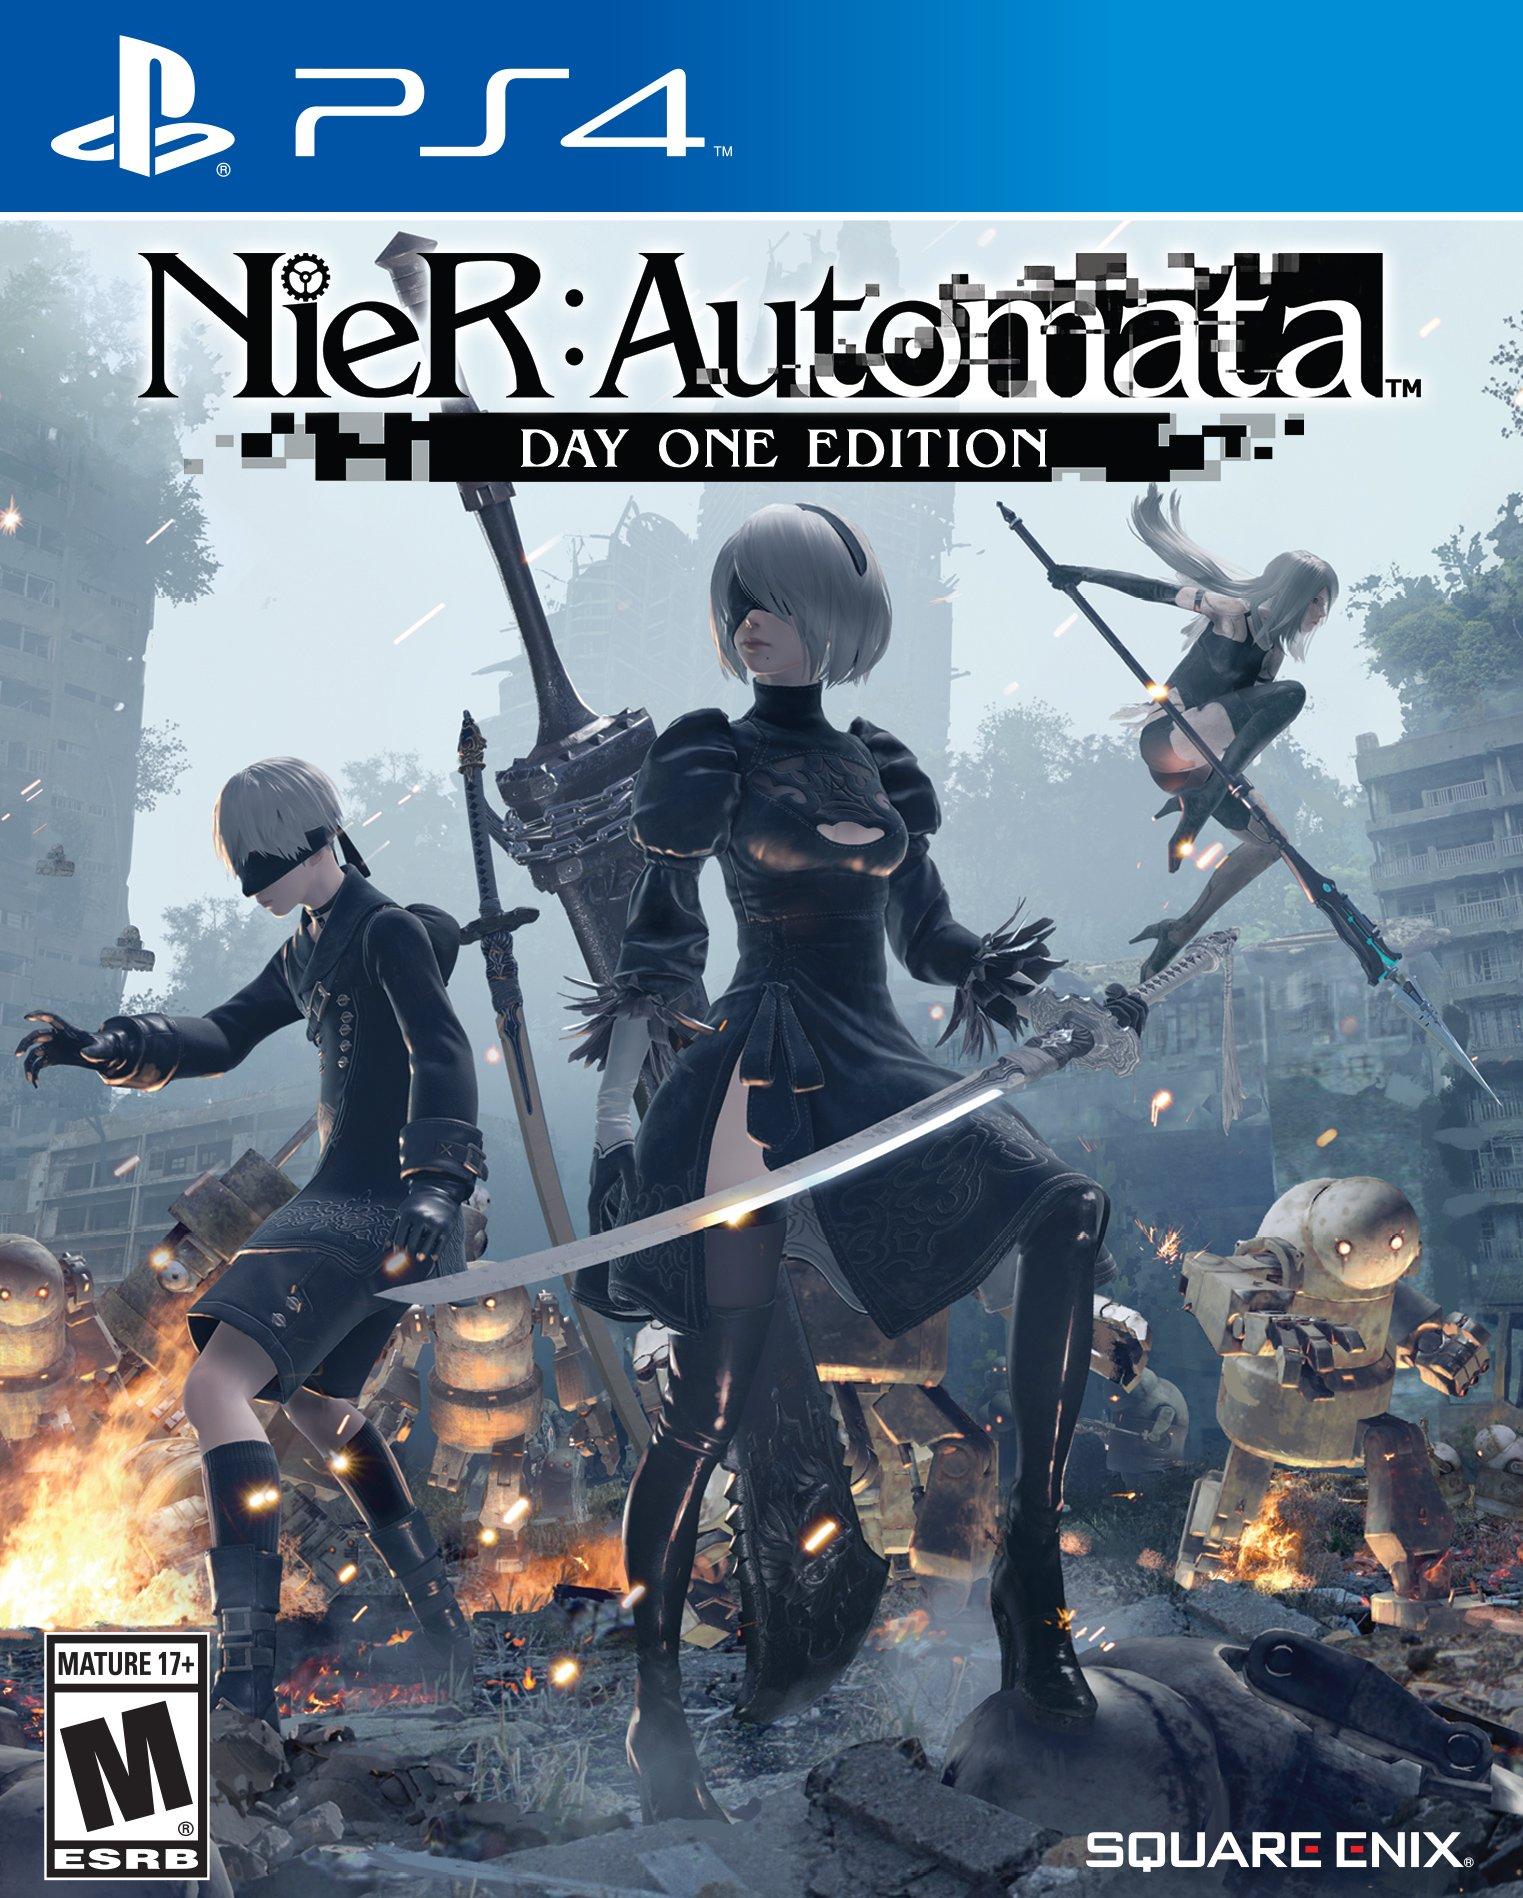 Nier 2 release date